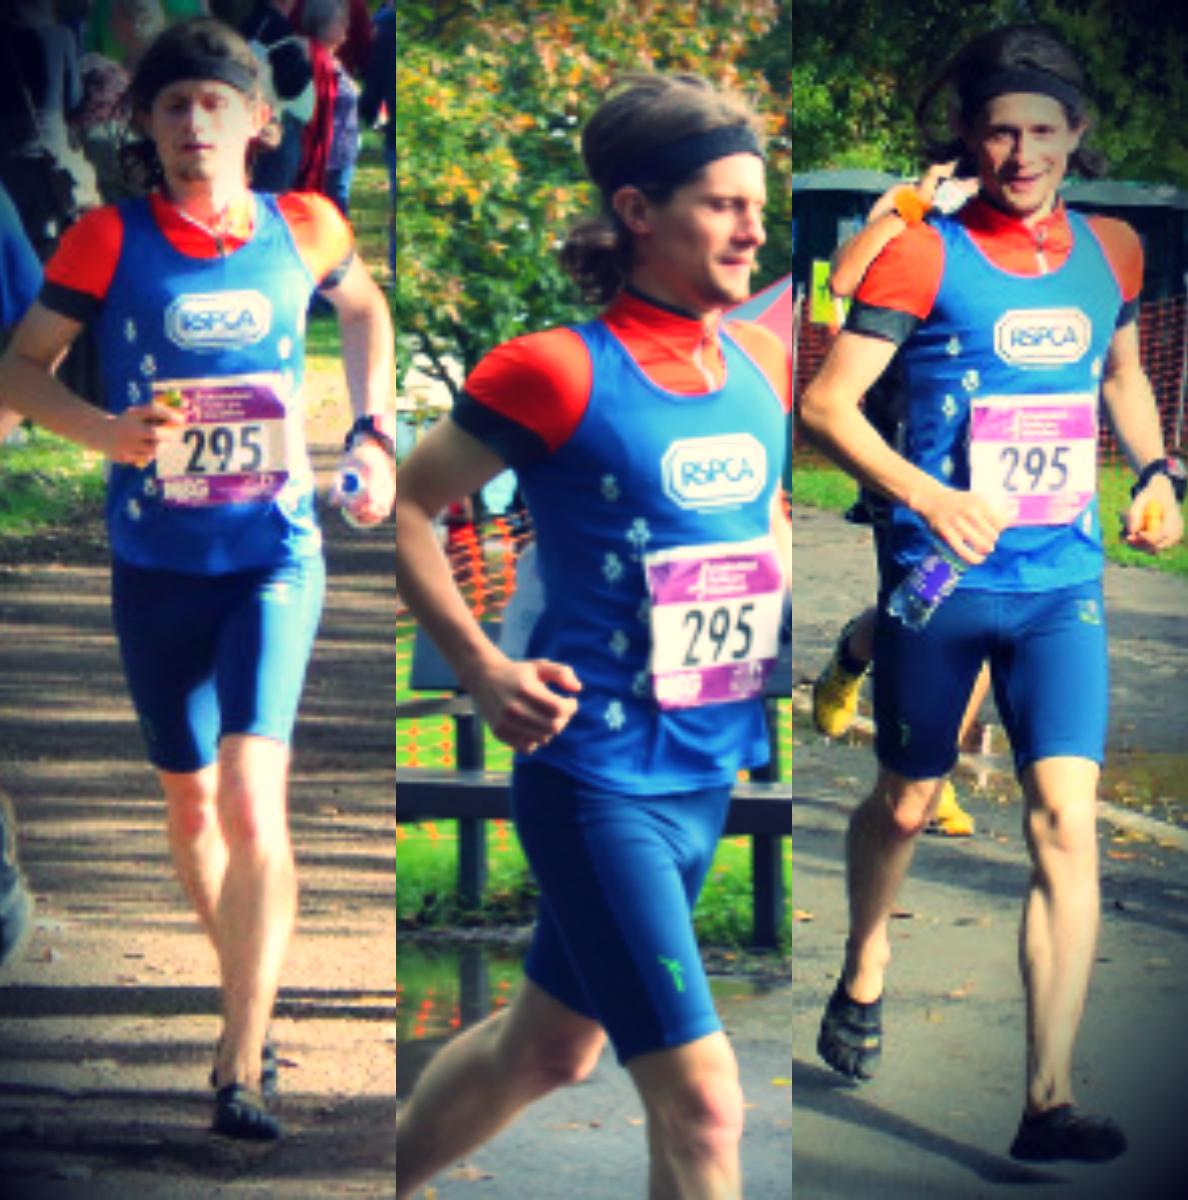 Chelmsford Marathon